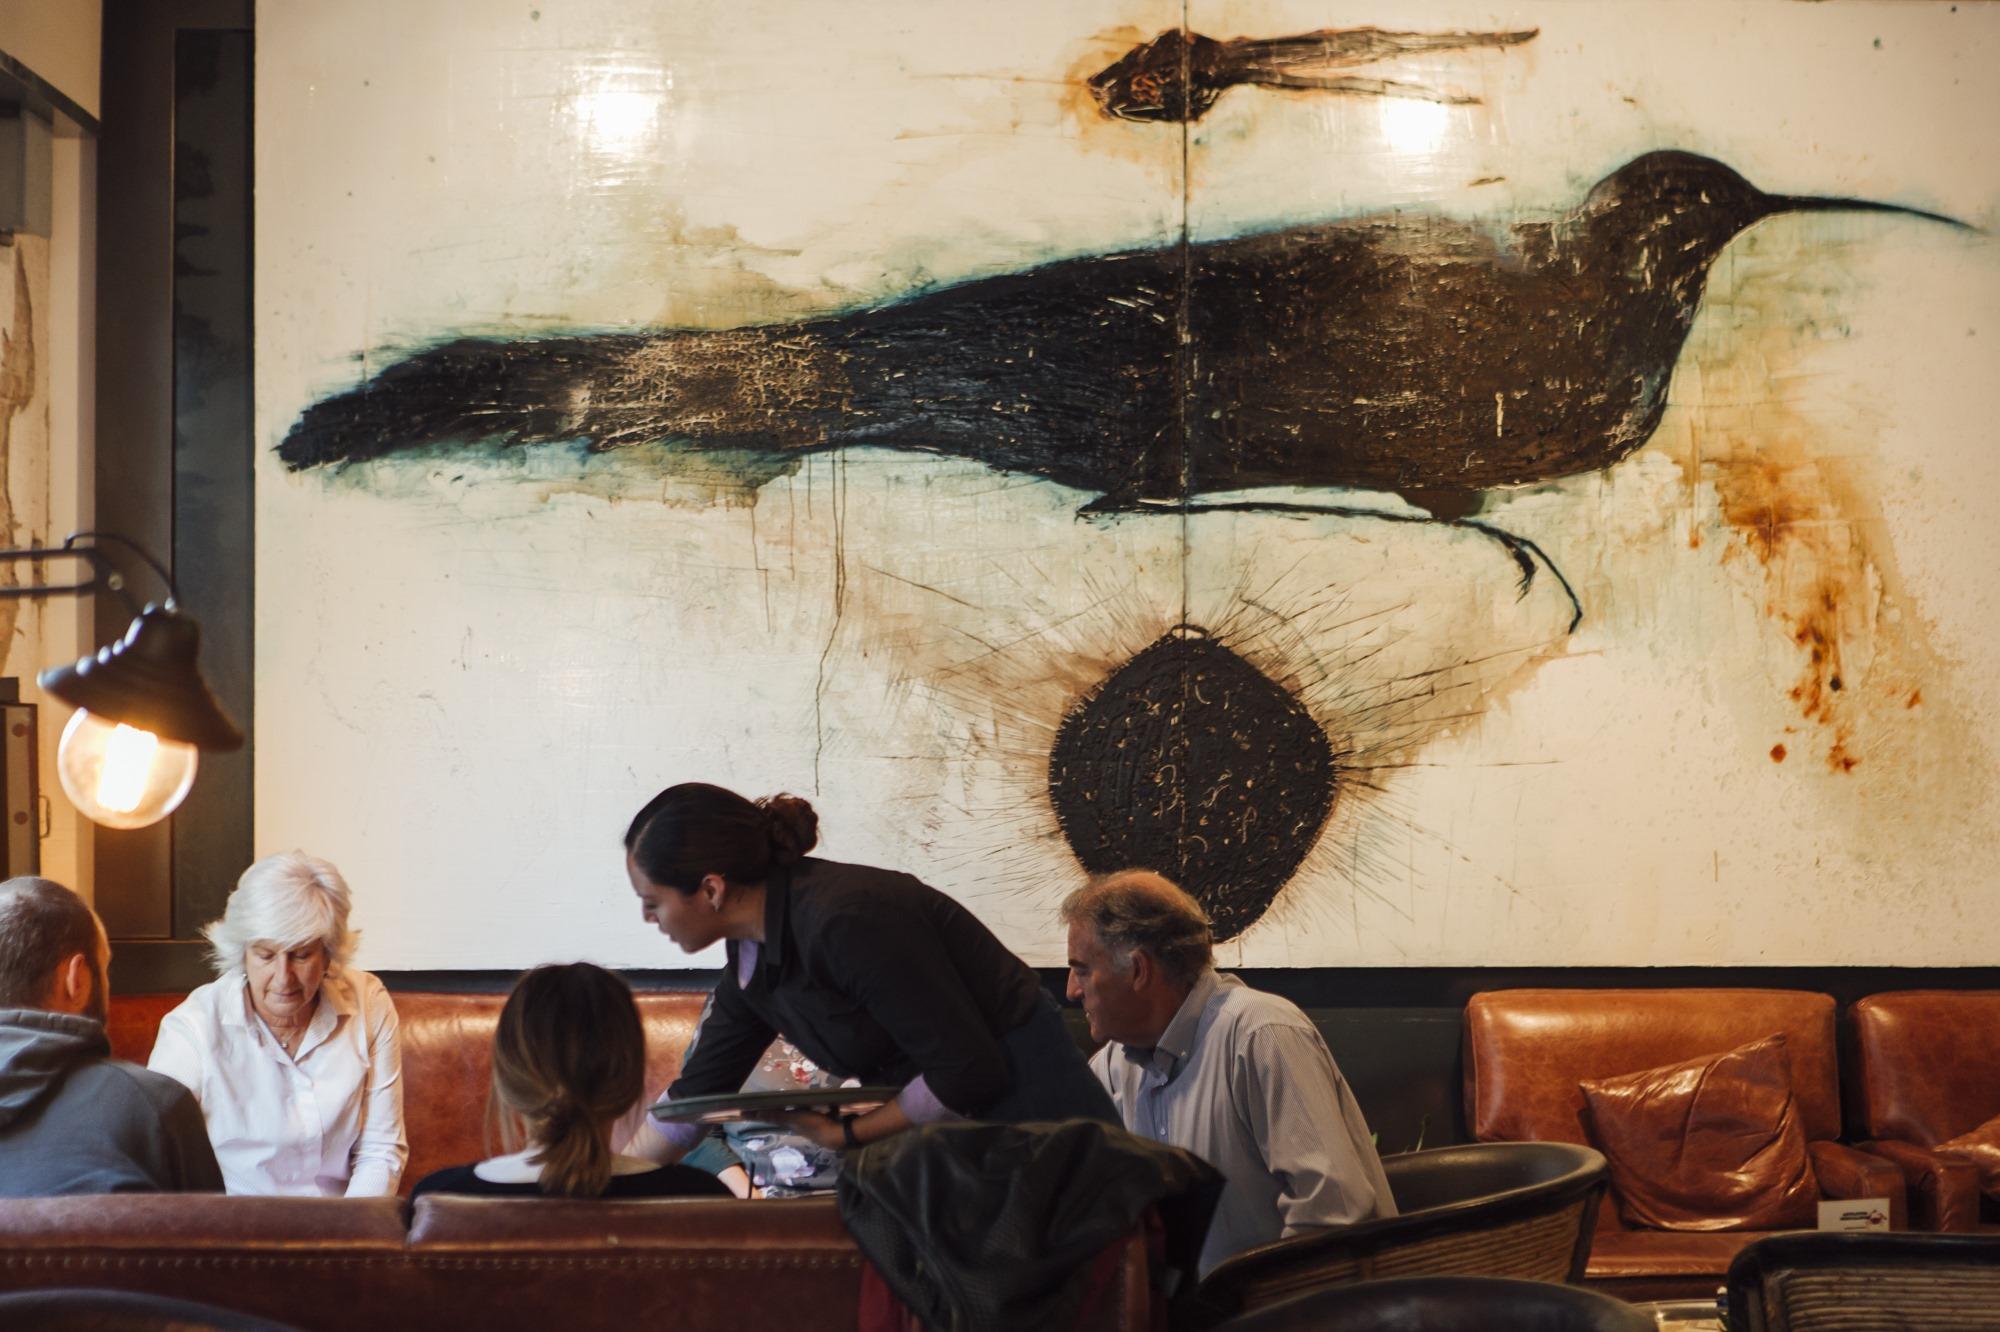 restaurante mexicano oaxaca barcelona